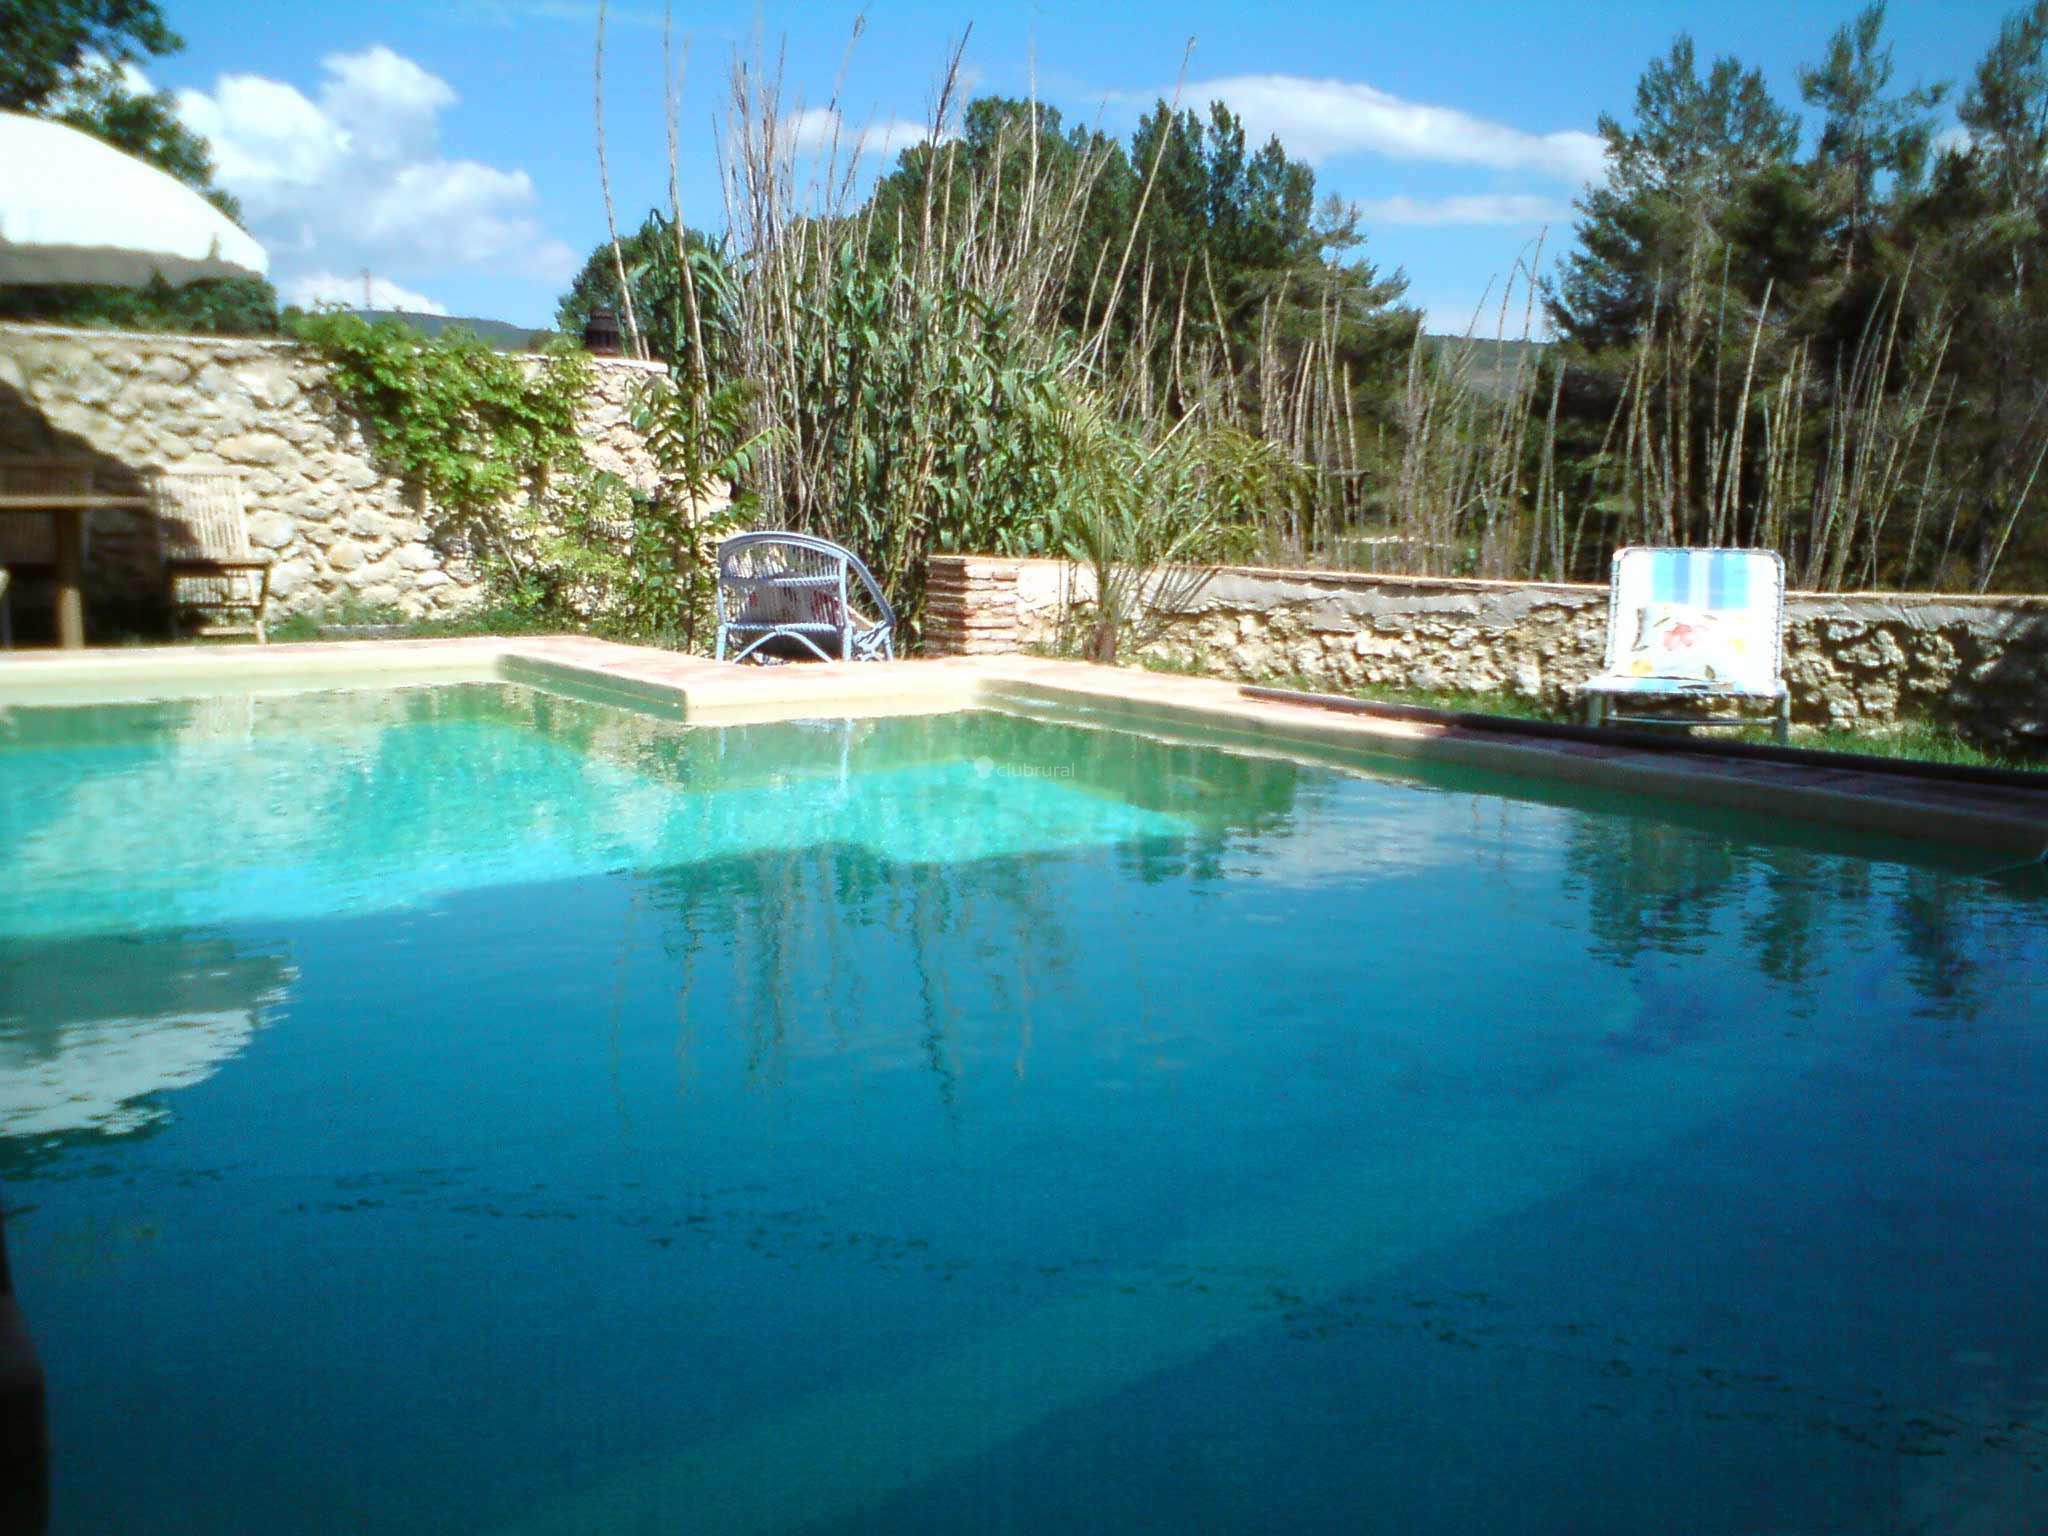 Fotos de molino del agua alicante banyeres de mariola clubrural - Casas rurales sierra de madrid con piscina ...